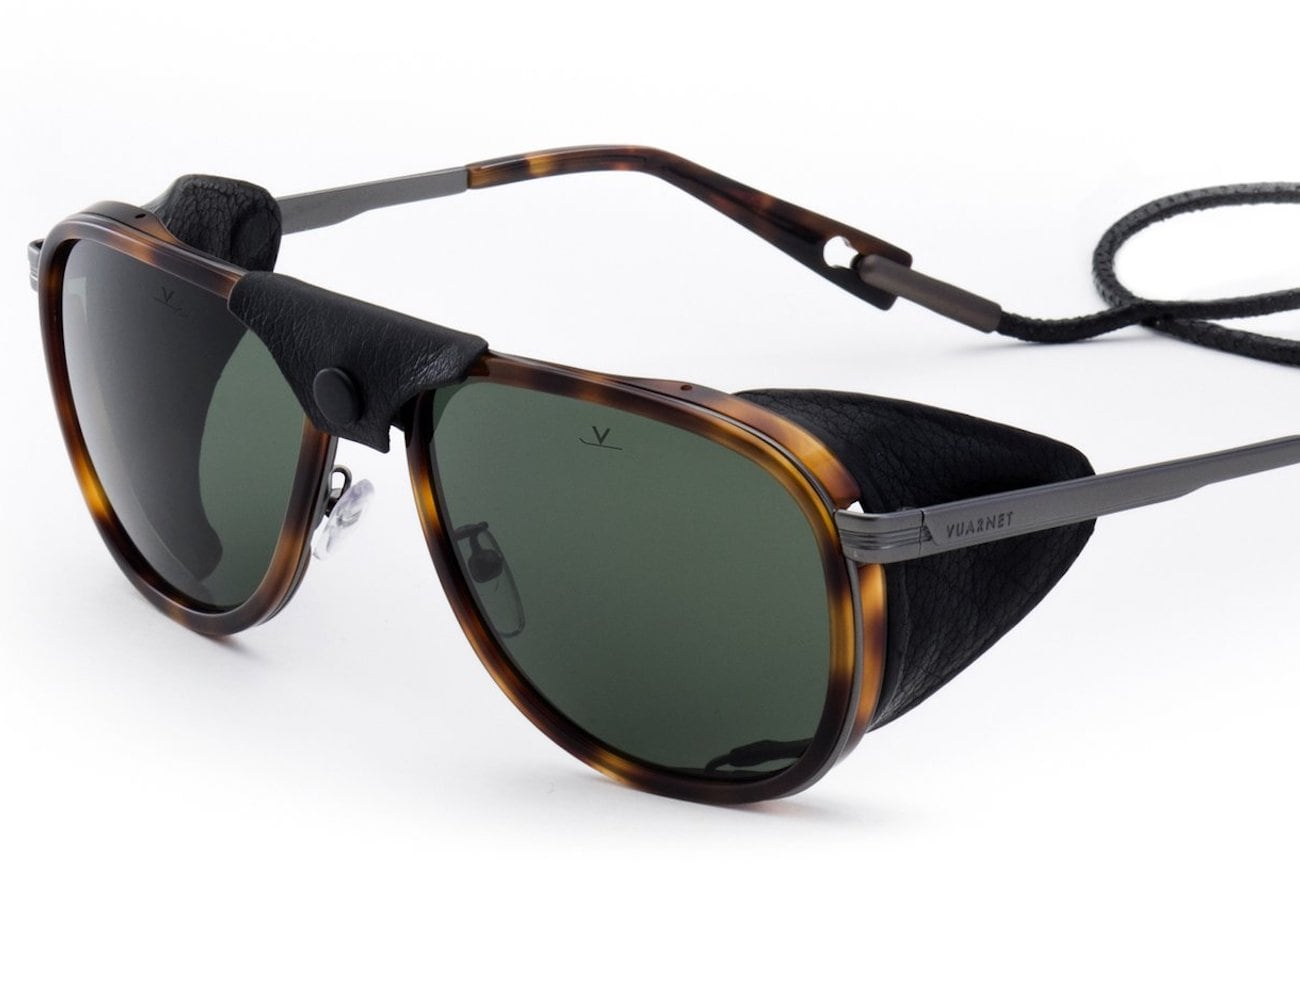 7ab5305a543 Vuarnet Glacier Versatile Pilot Frame Sunglasses » Gadget Flow